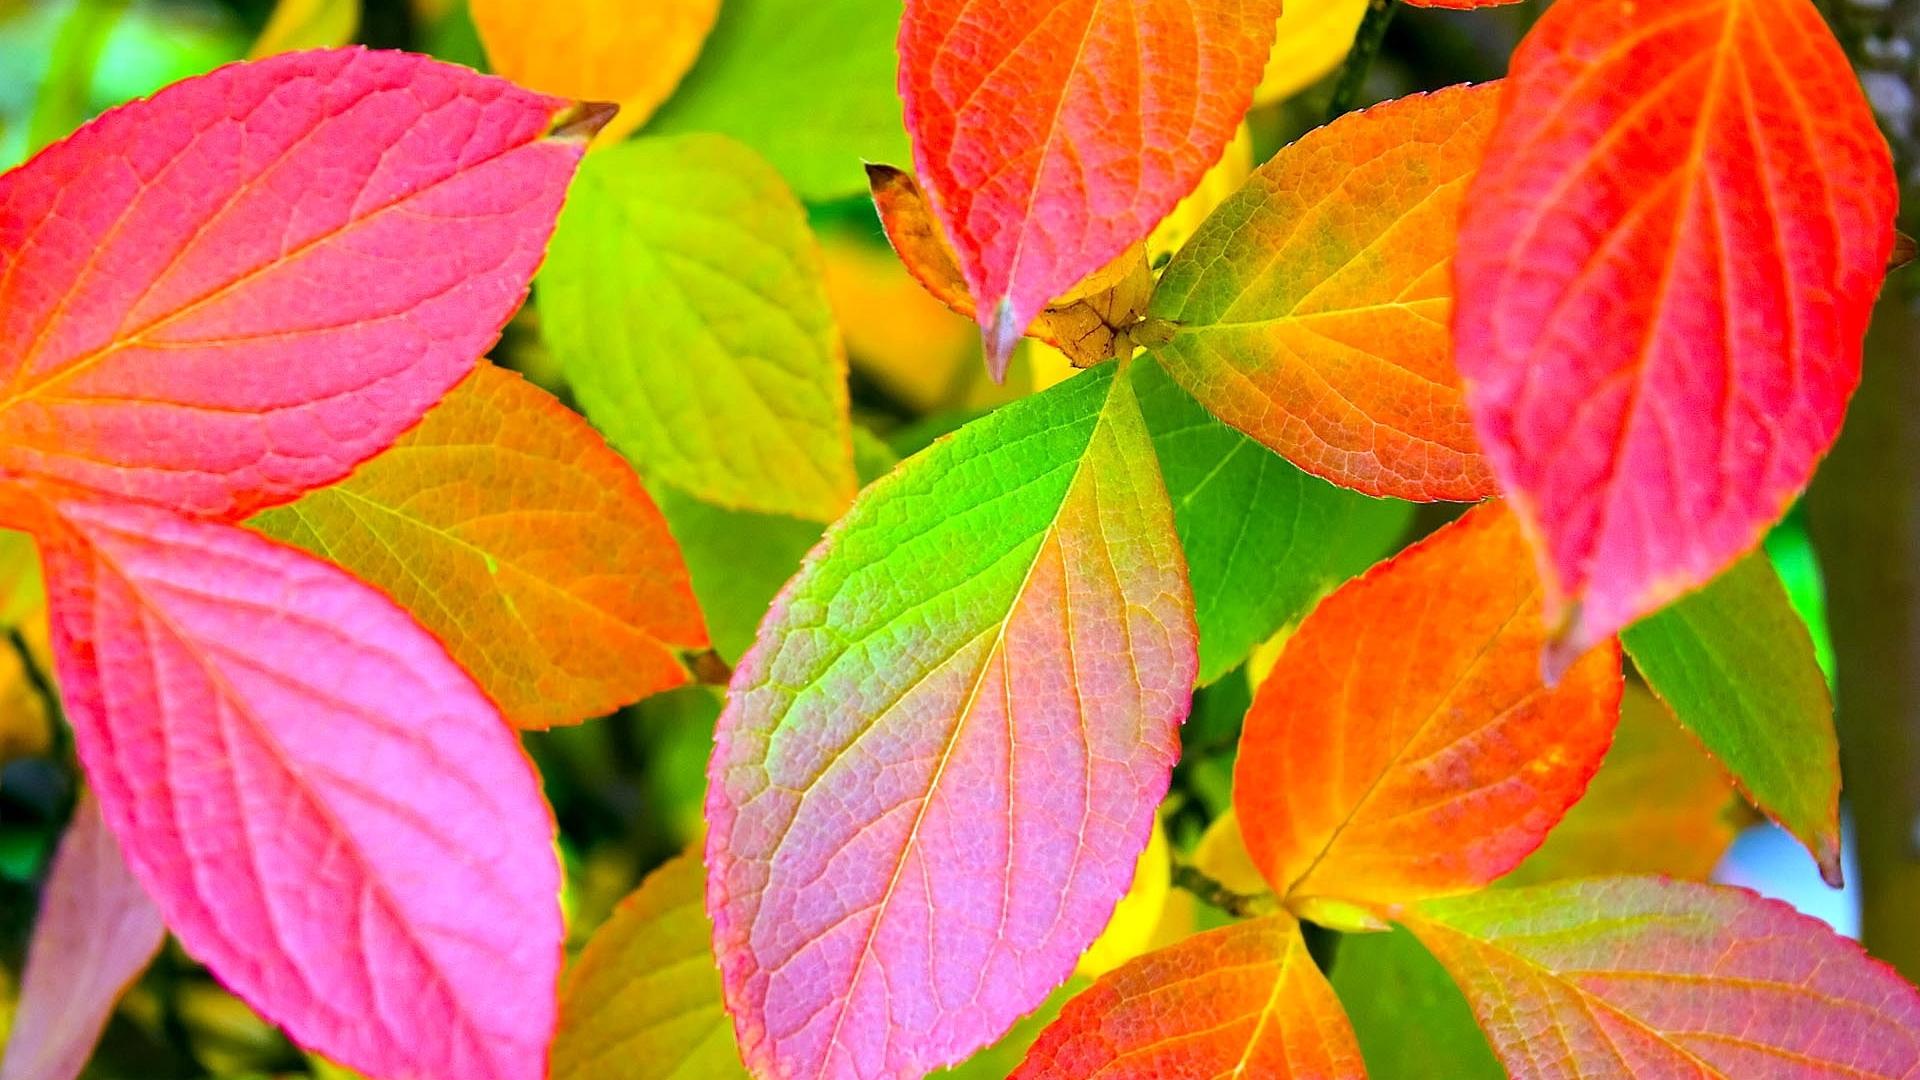 Hình nền lá cây nhiều màu